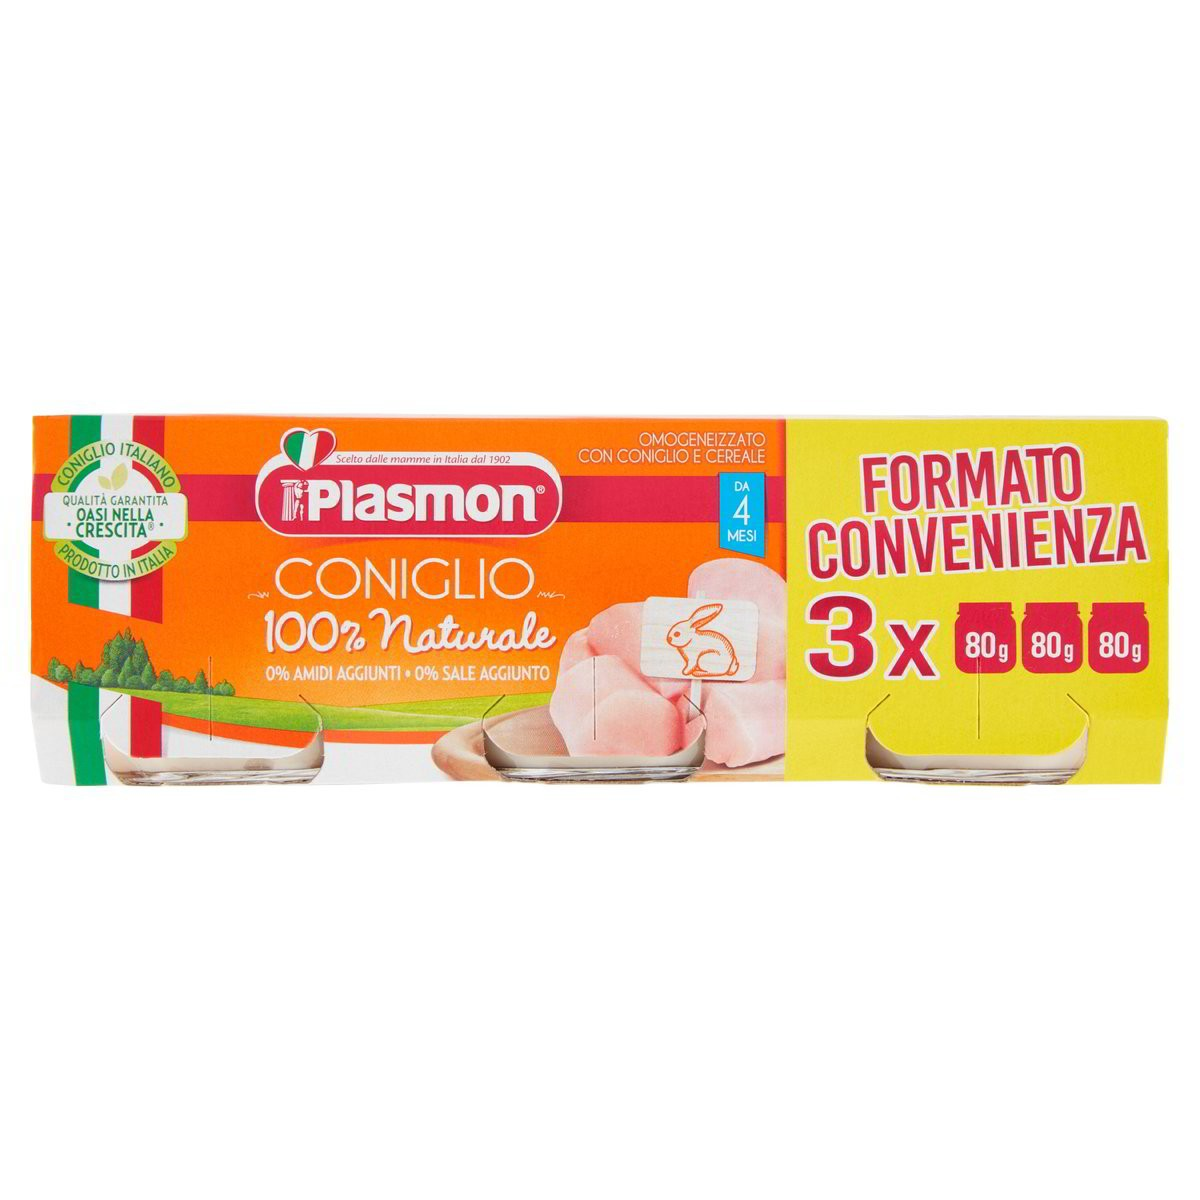 Plasmon Omogeneizzato Coniglio 3x